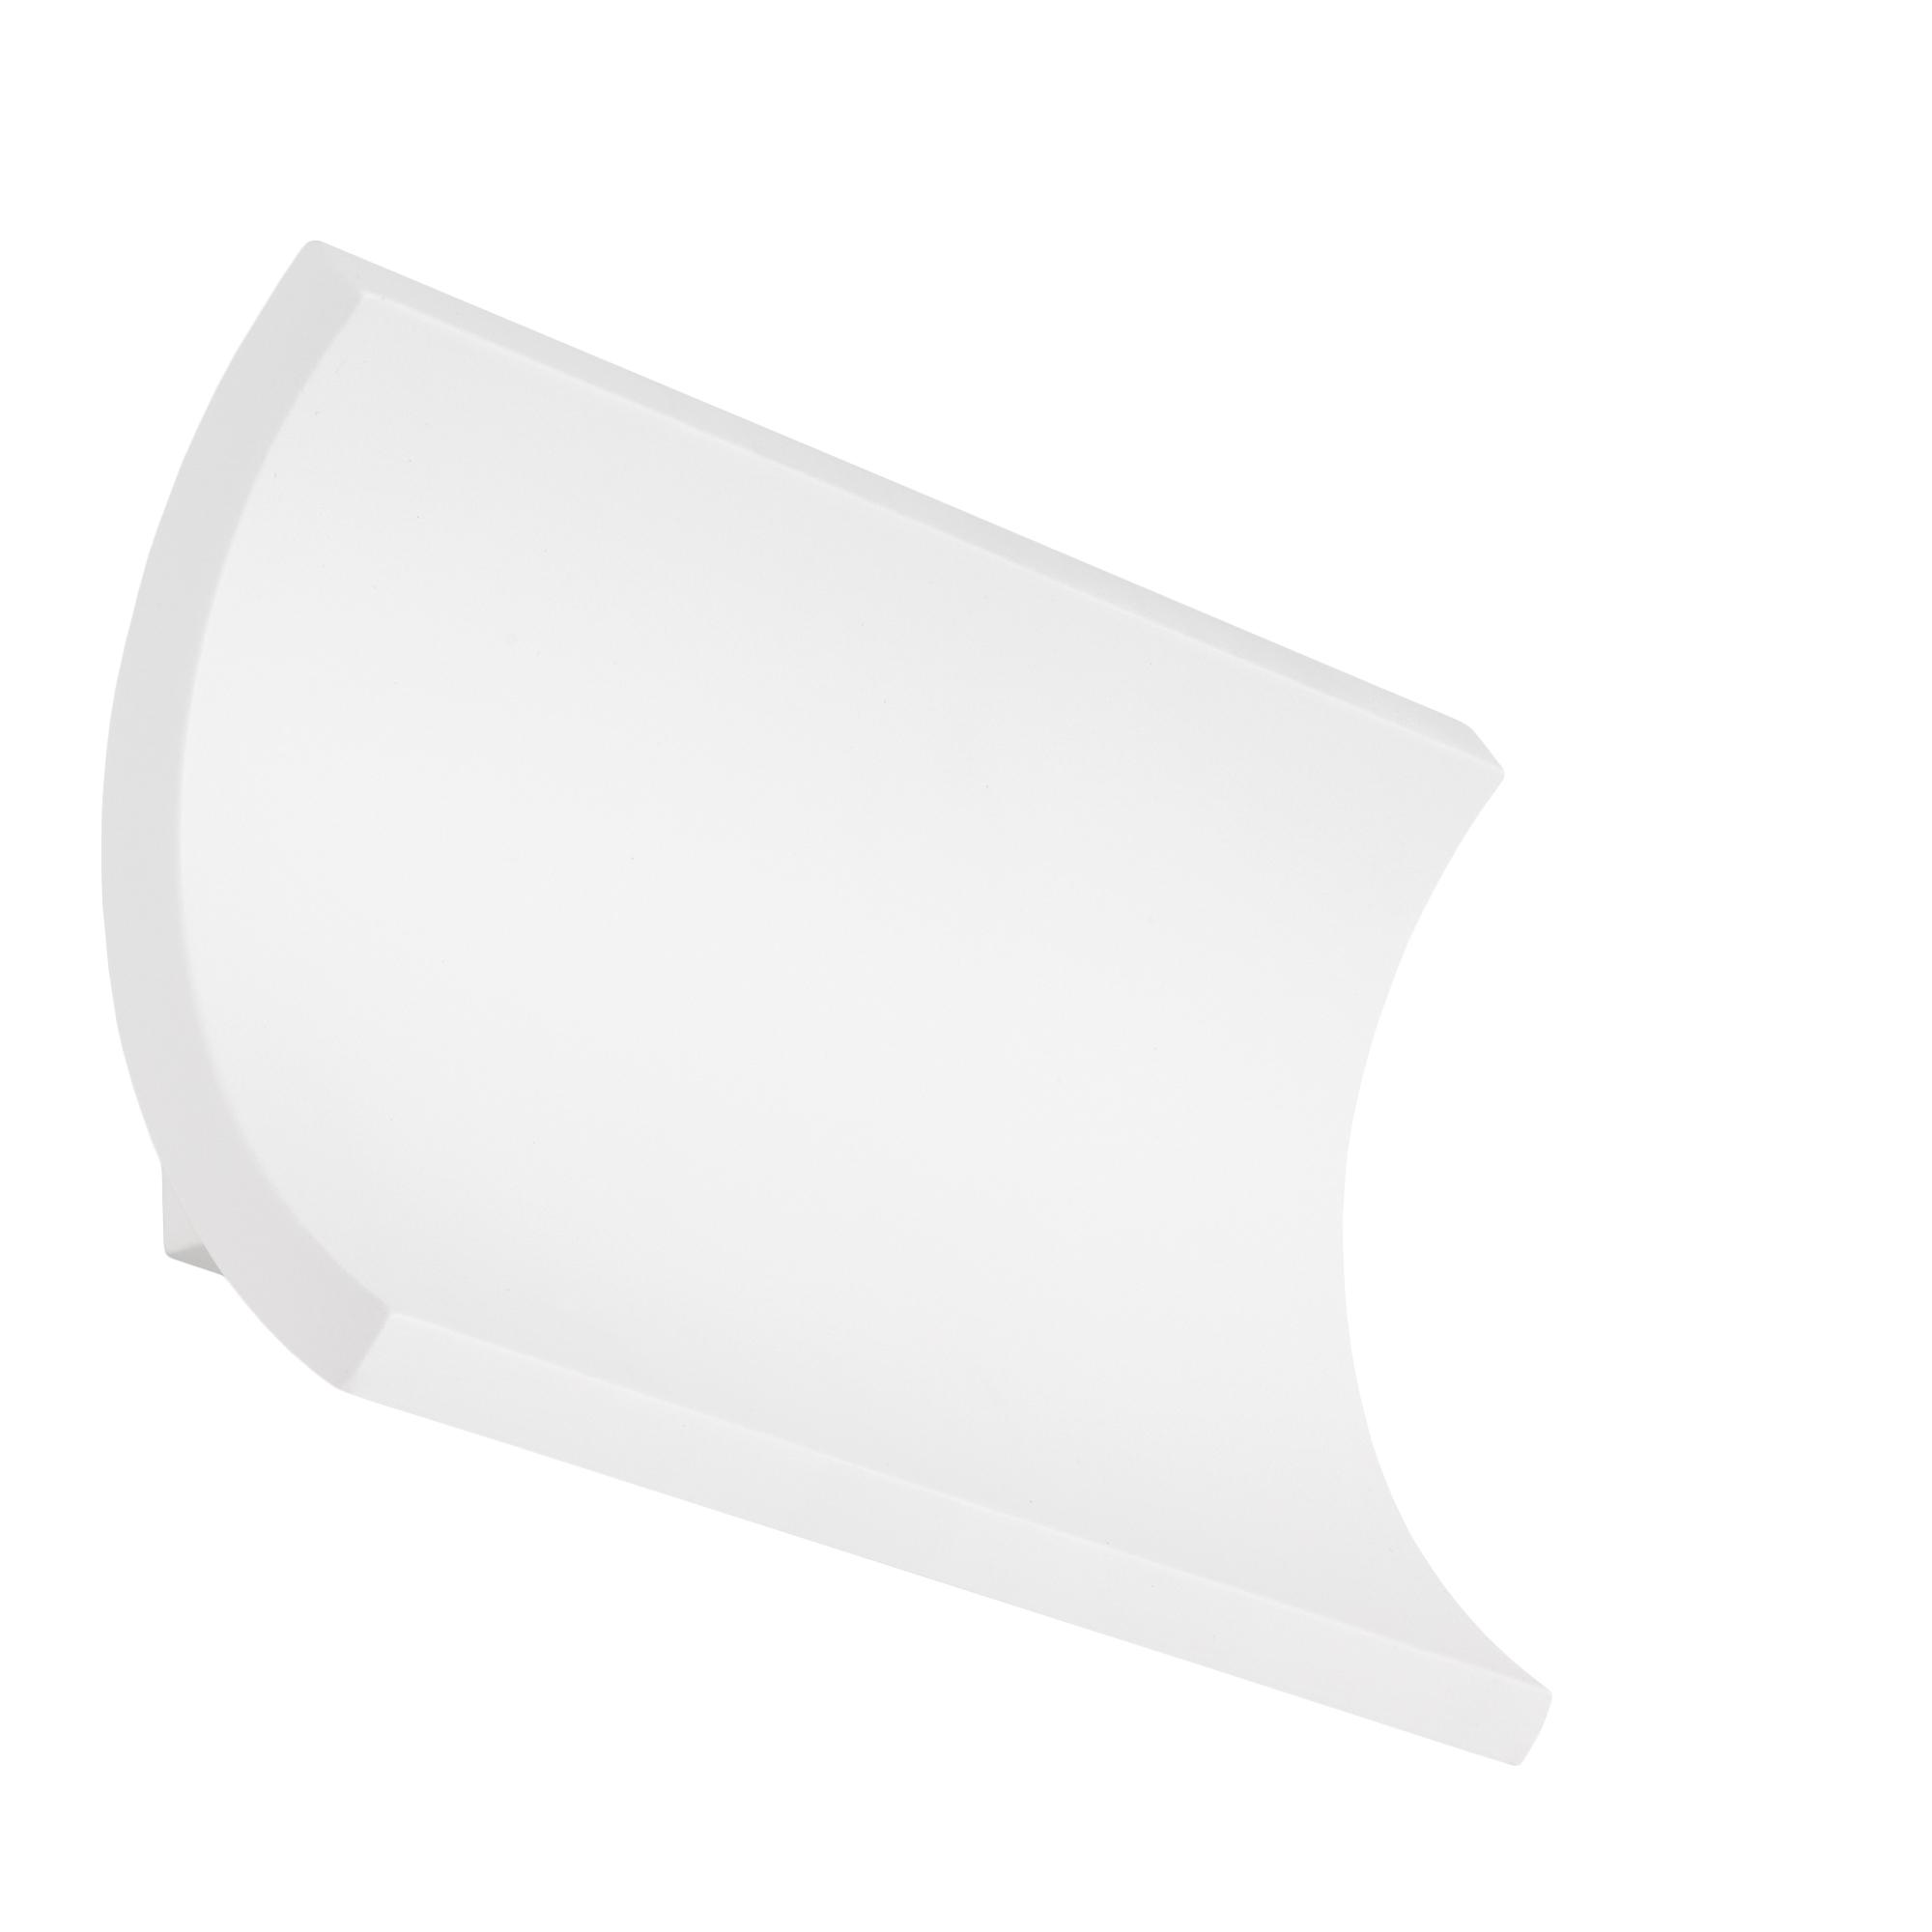 TELEFUNKEN LED Außenwandleuchte, 19,7 cm, 12 W, Weiß